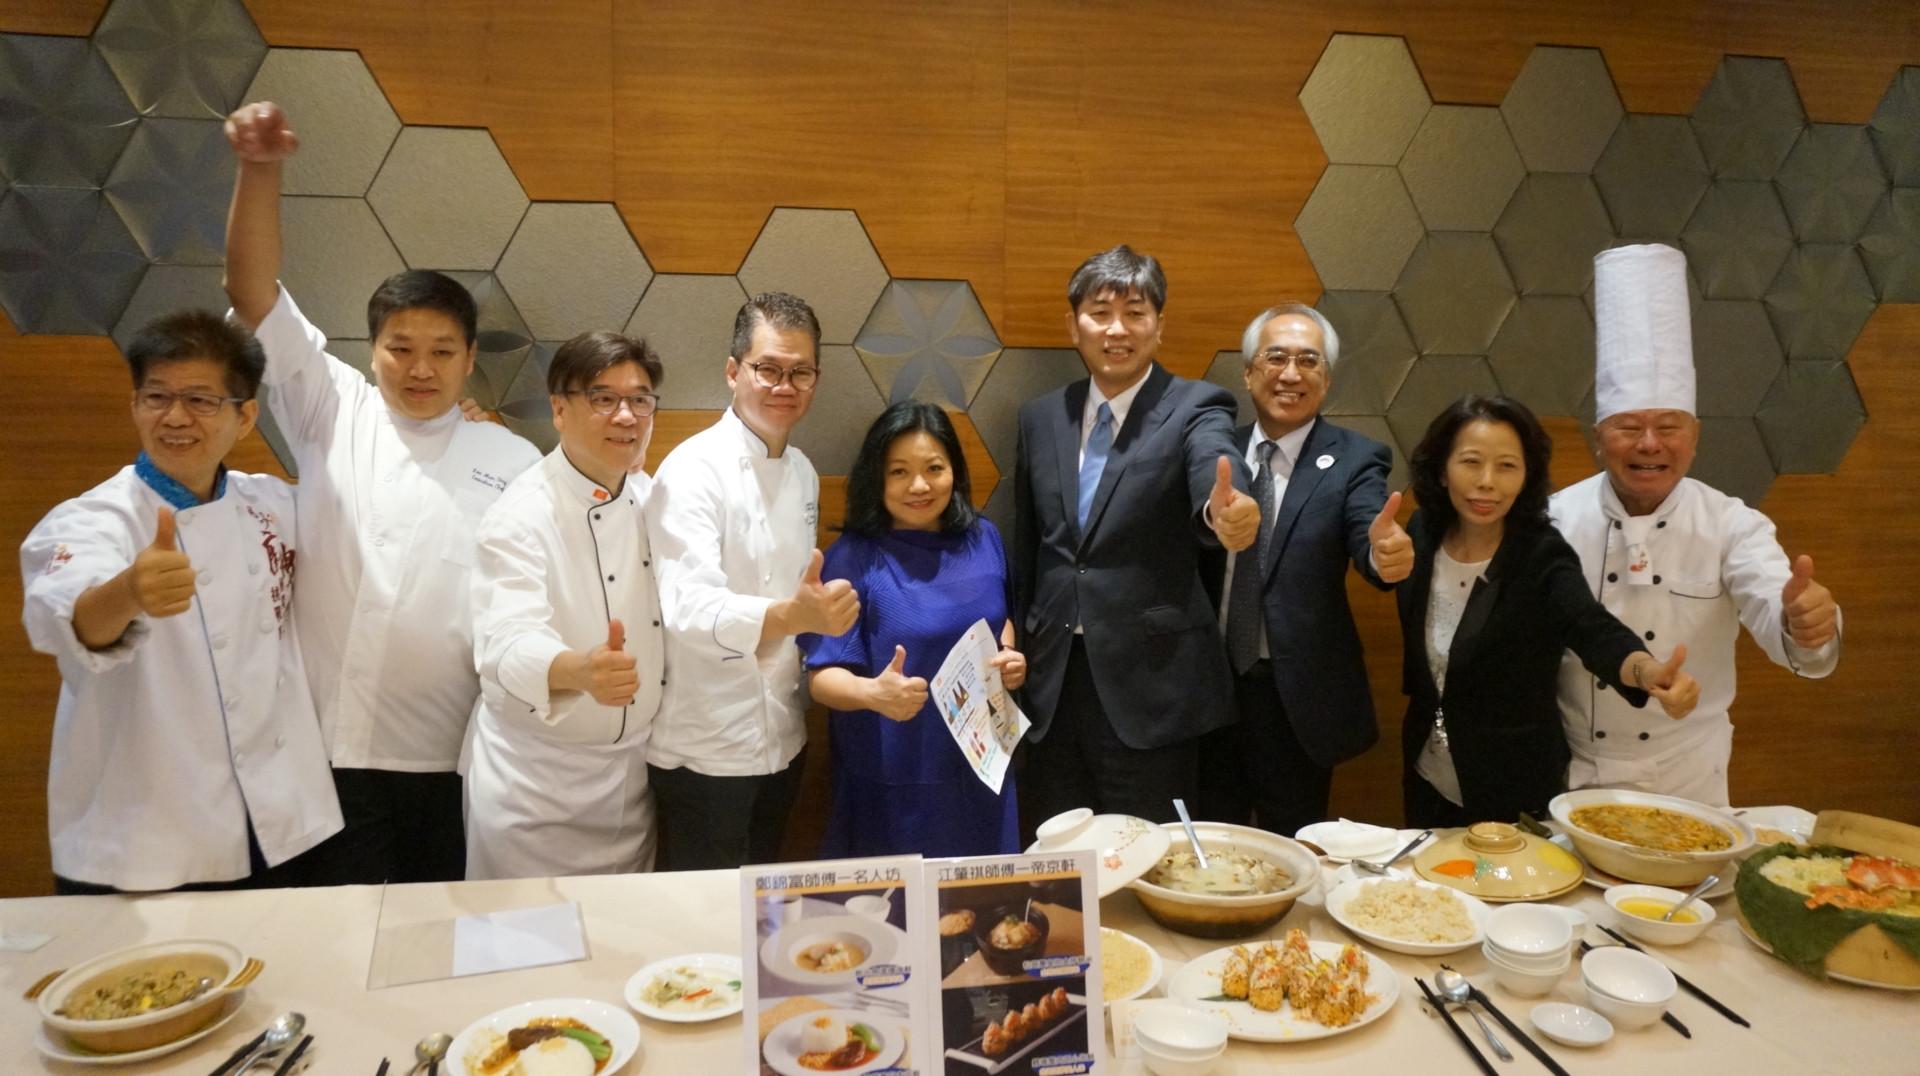 股評人胡孟青(左五)出席活動。